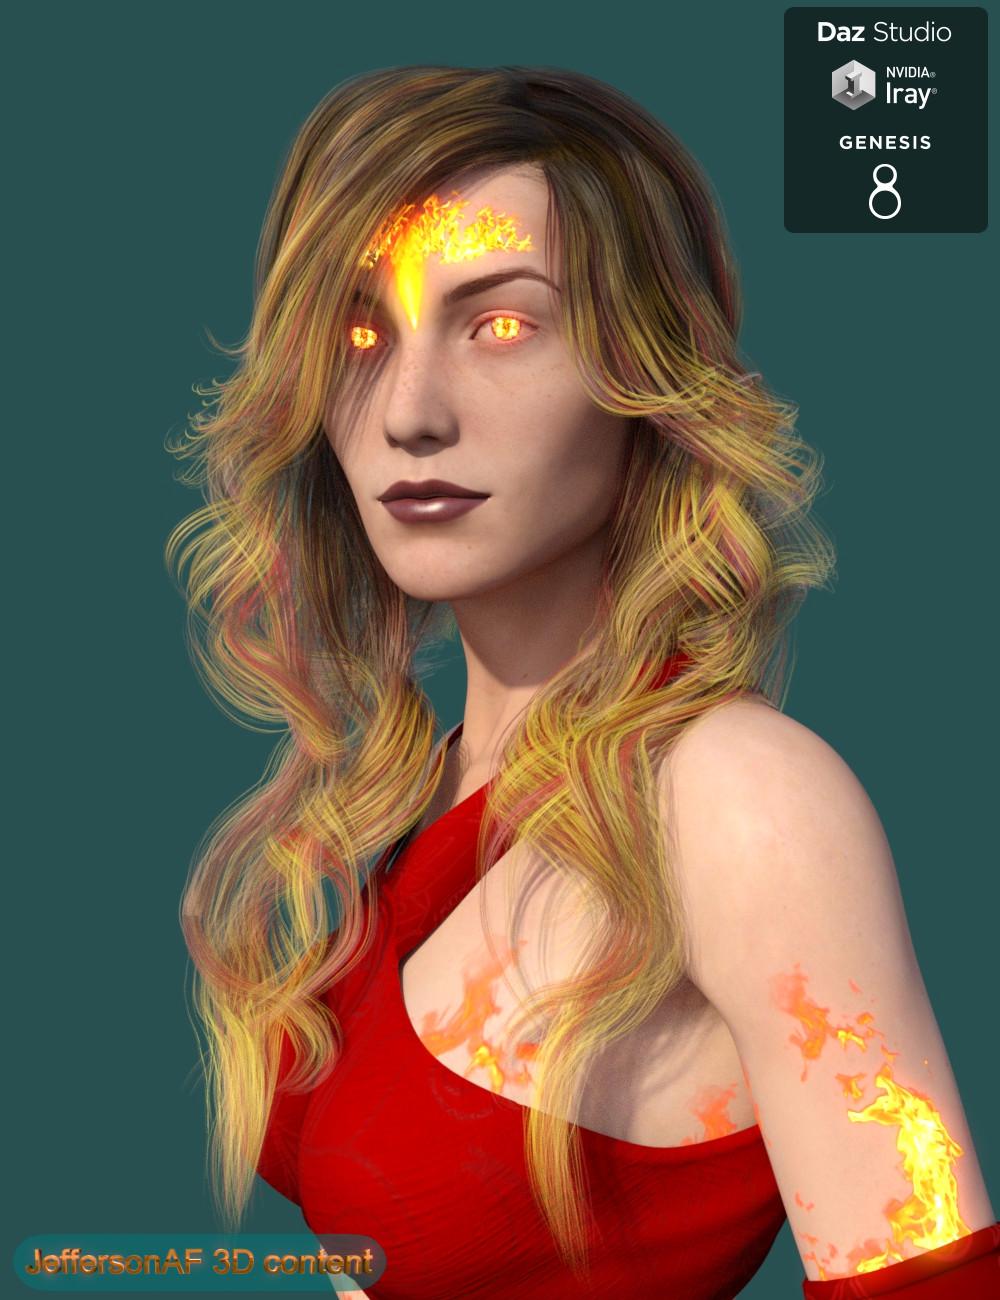 Eleonora for Genesis 8 Female(s) by: JeffersonAF, 3D Models by Daz 3D